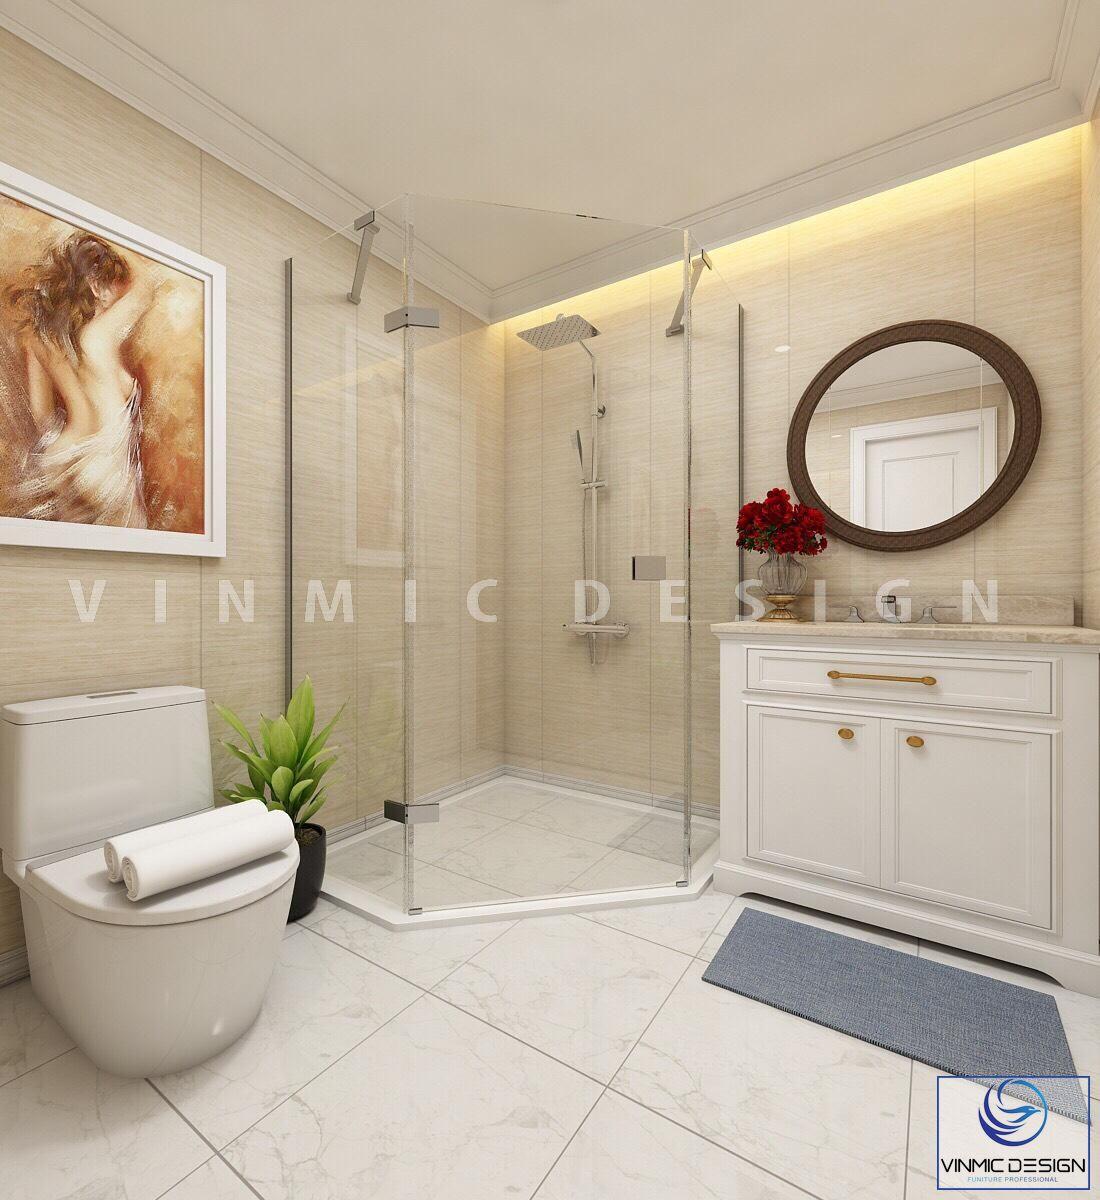 Thiết kế nội thất phòng tắm/nhà vệ sinh với vách tắm kính để nước không bị tràn ra toàn sàn tại biệt thự Vinhomes Imperia Hải Phòng